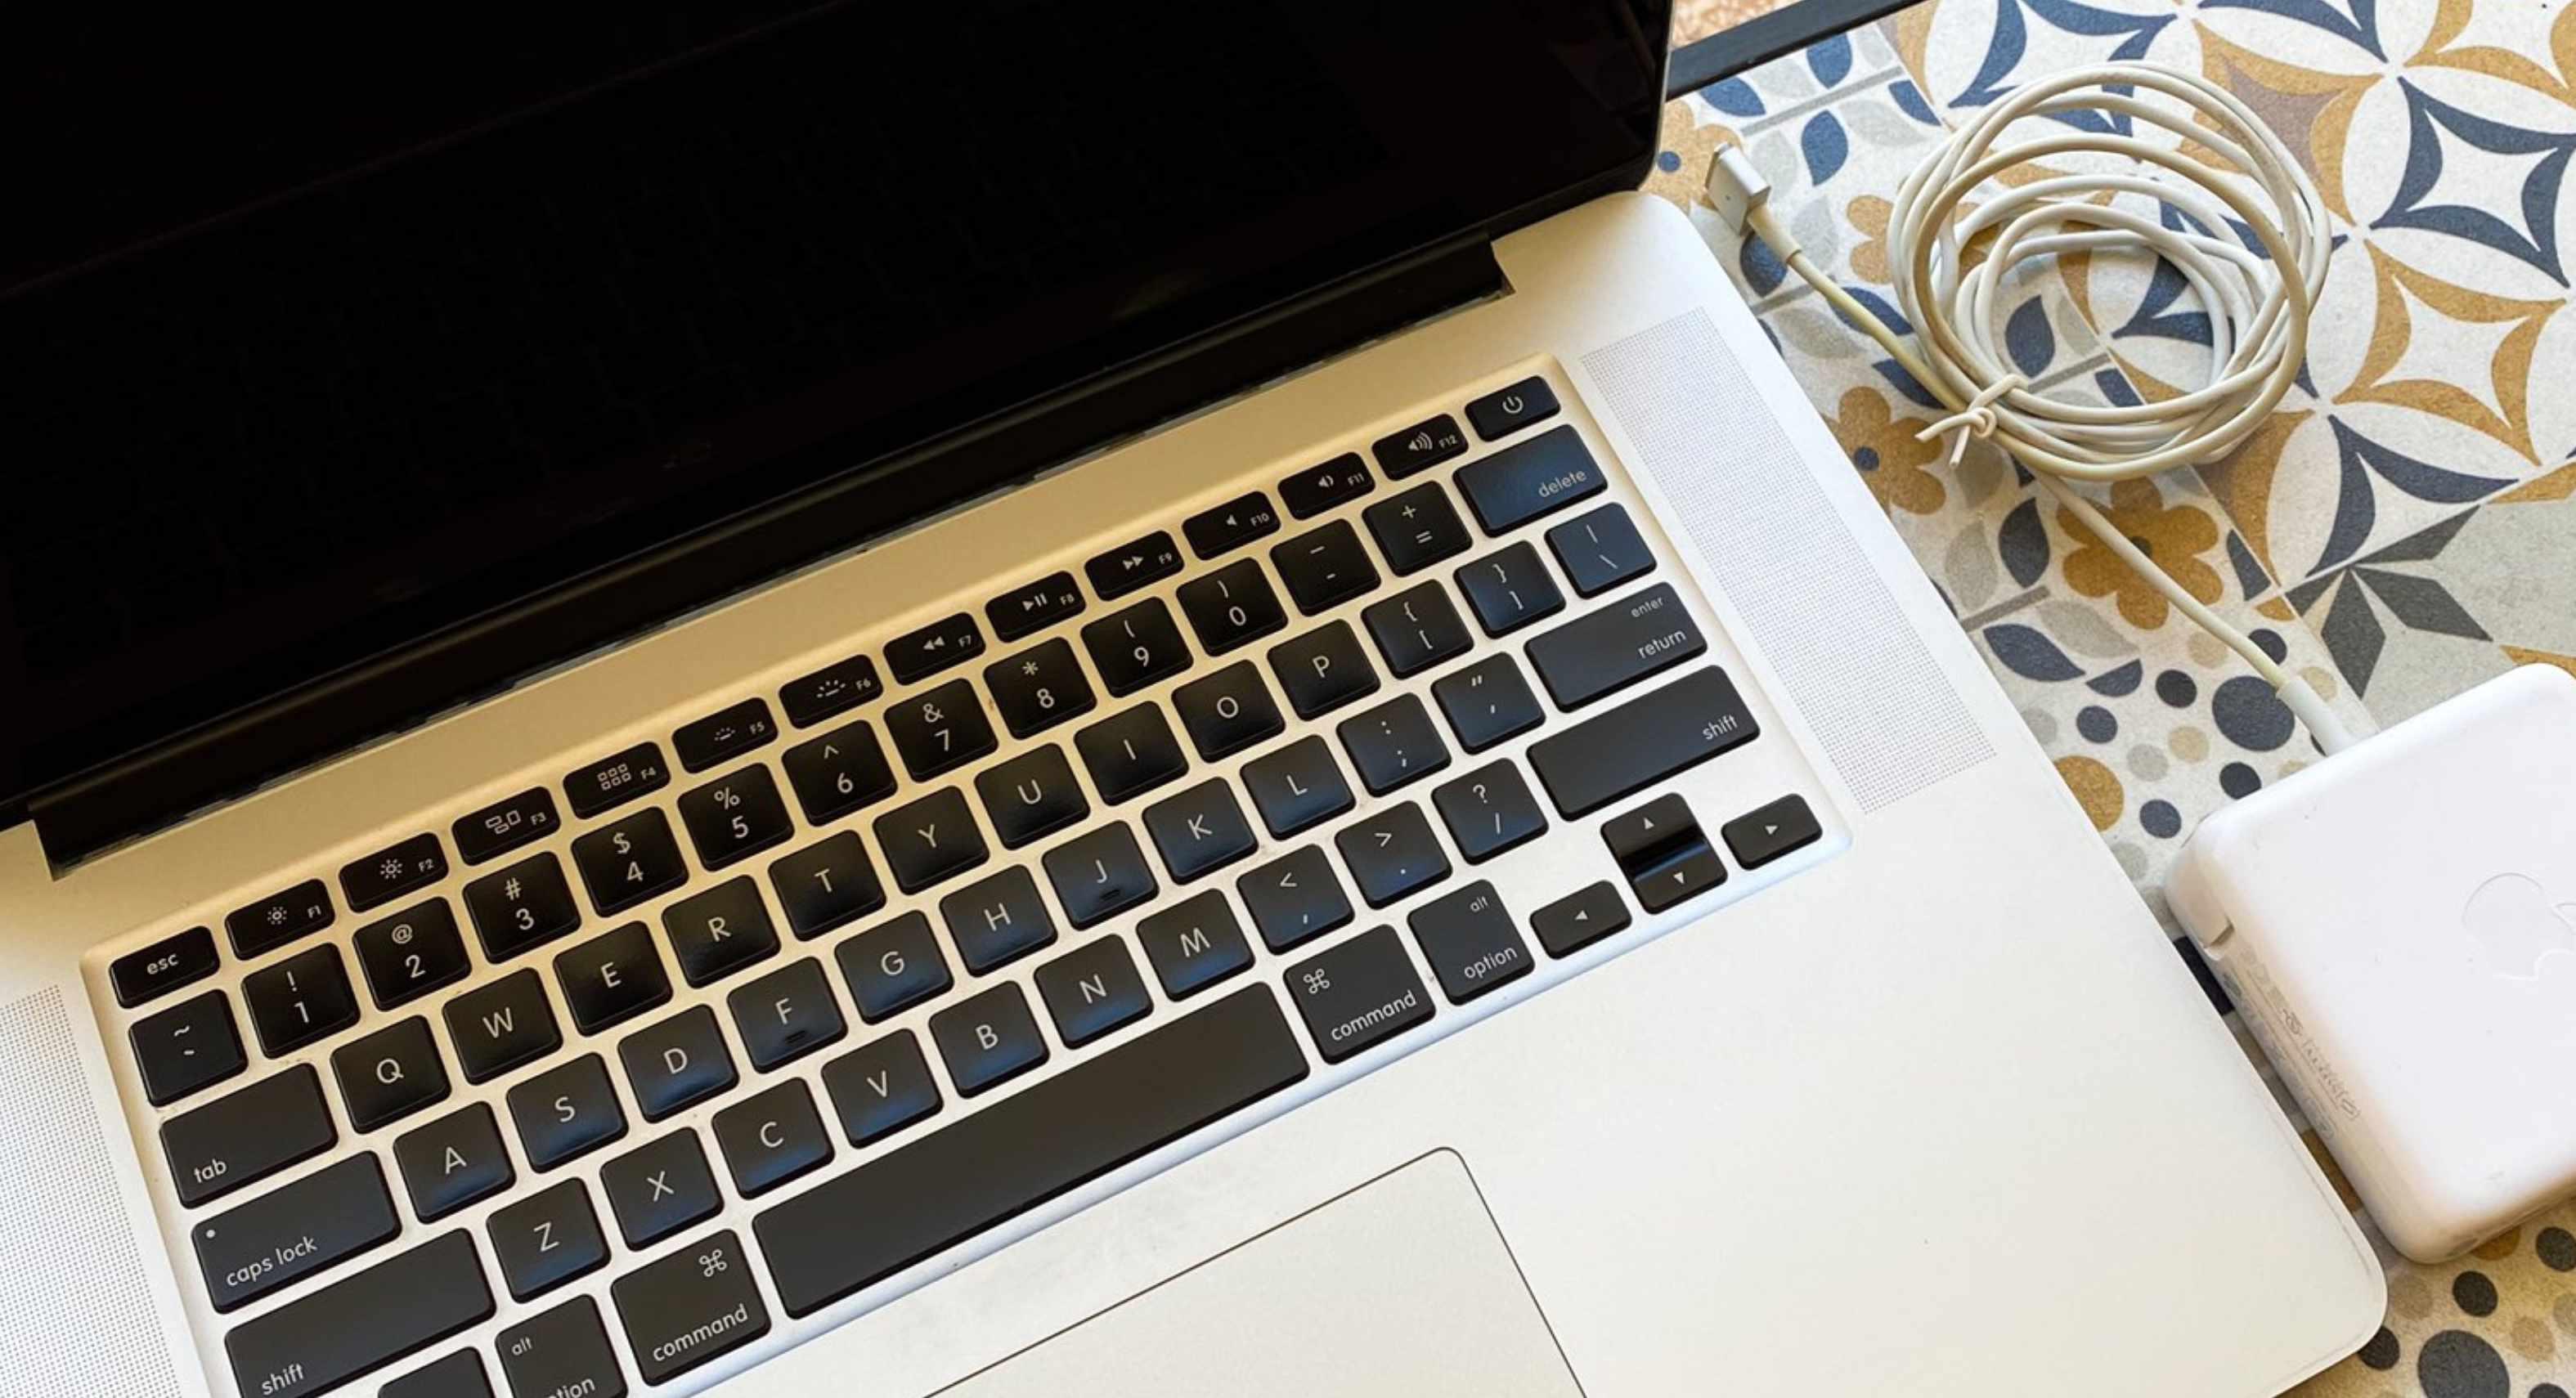 Apple declara a la MacBook Pro 2012 como obsoleta